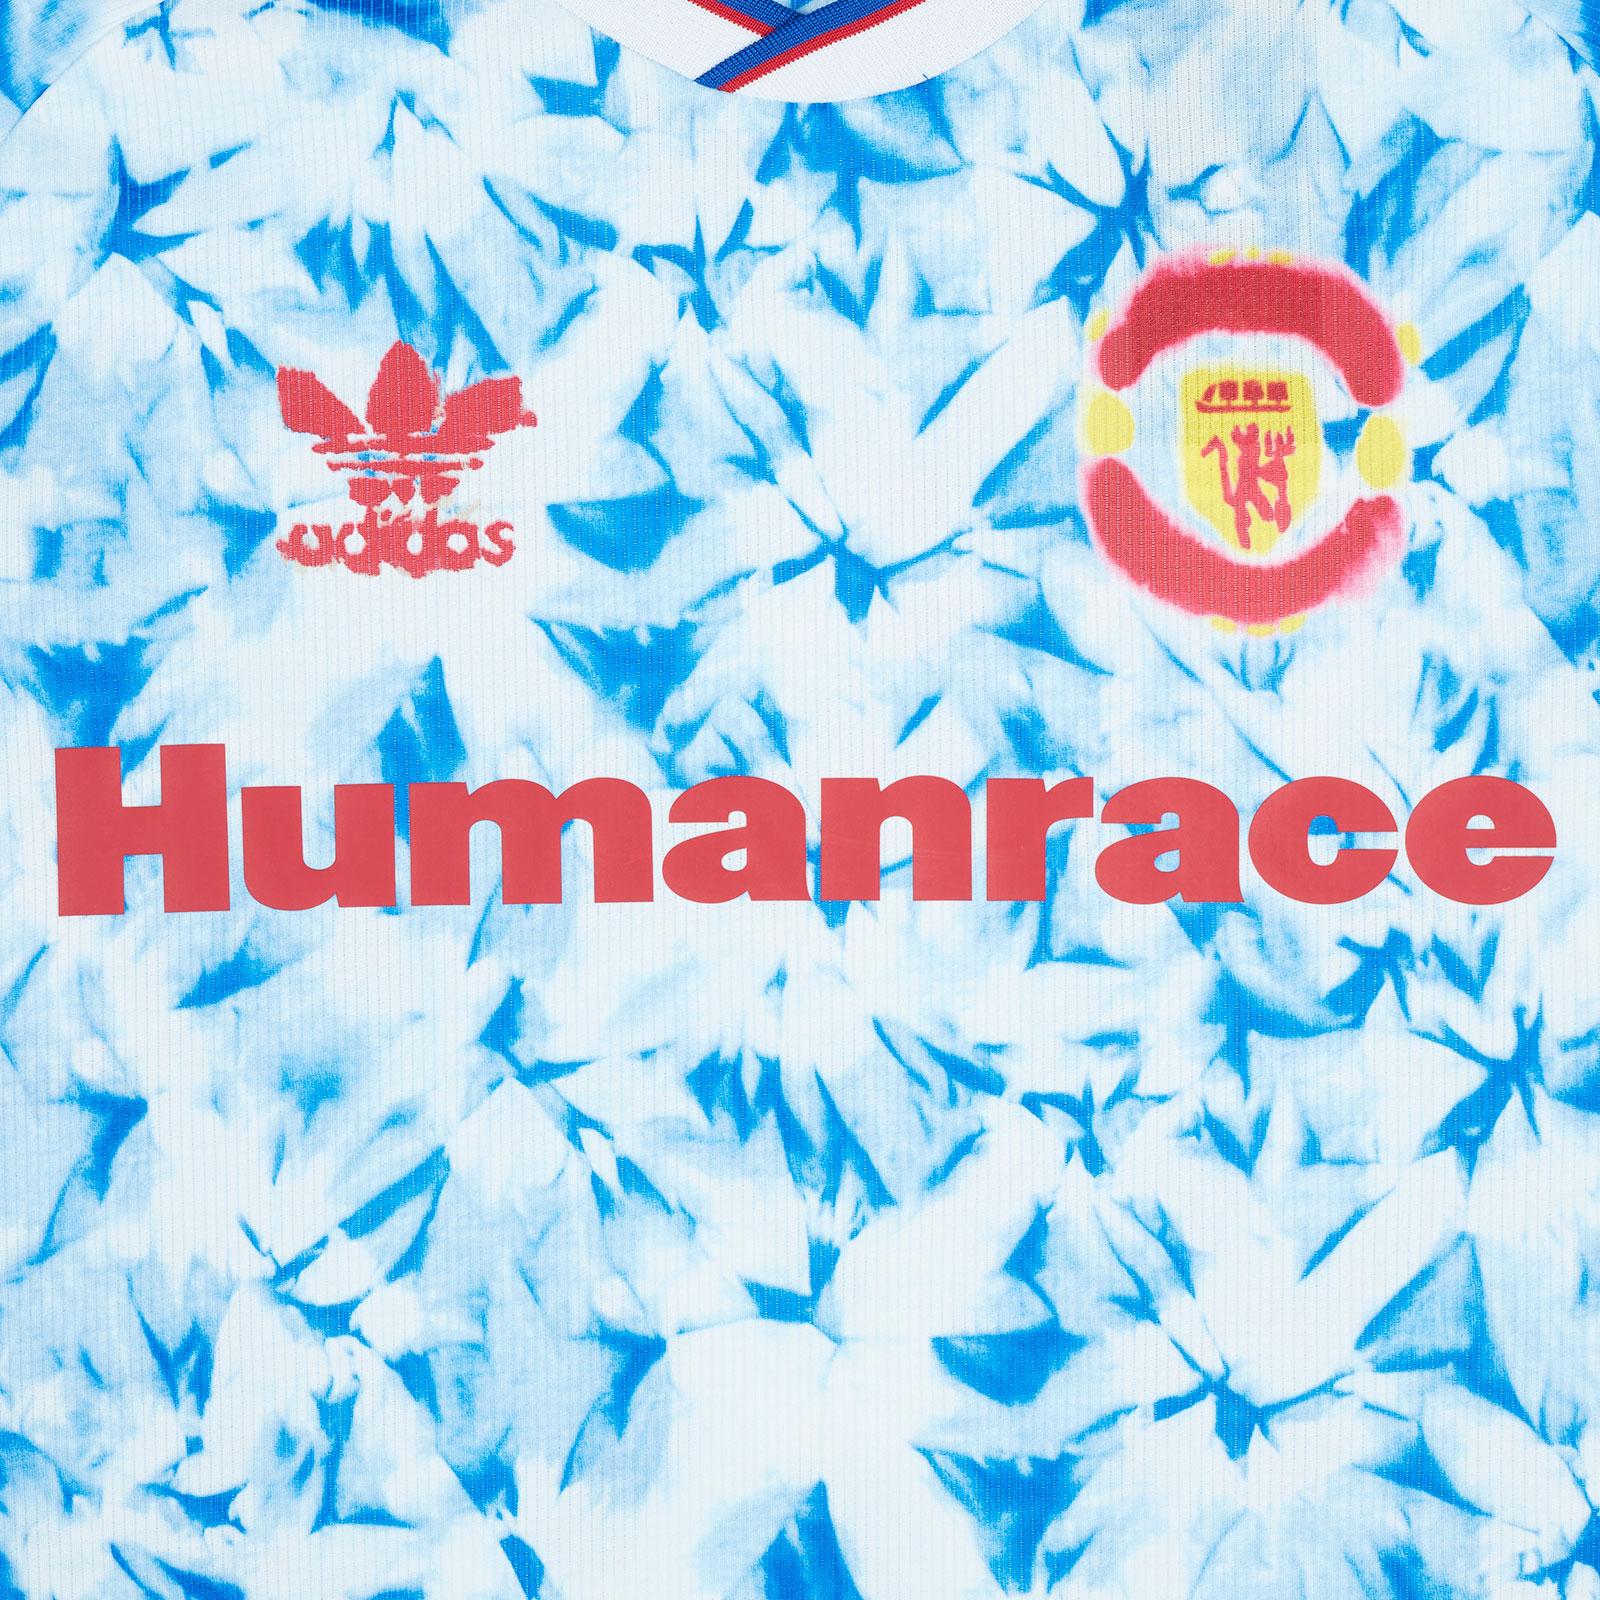 adidas manchester united human race jersey gj9084 sneakersnstuff sneakers streetwear online since 1999 adidas manchester united human race